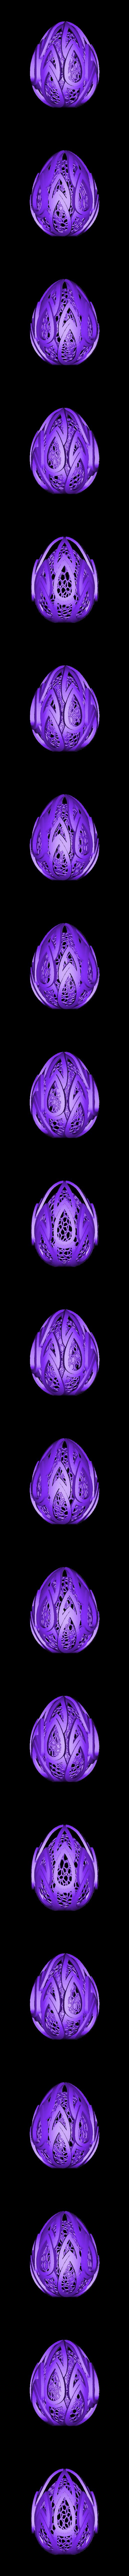 Easter_Egg_5-2020.stl Télécharger fichier STL gratuit Collection d'œufs de Pâques en résine 2 • Plan à imprimer en 3D, ChrisBobo